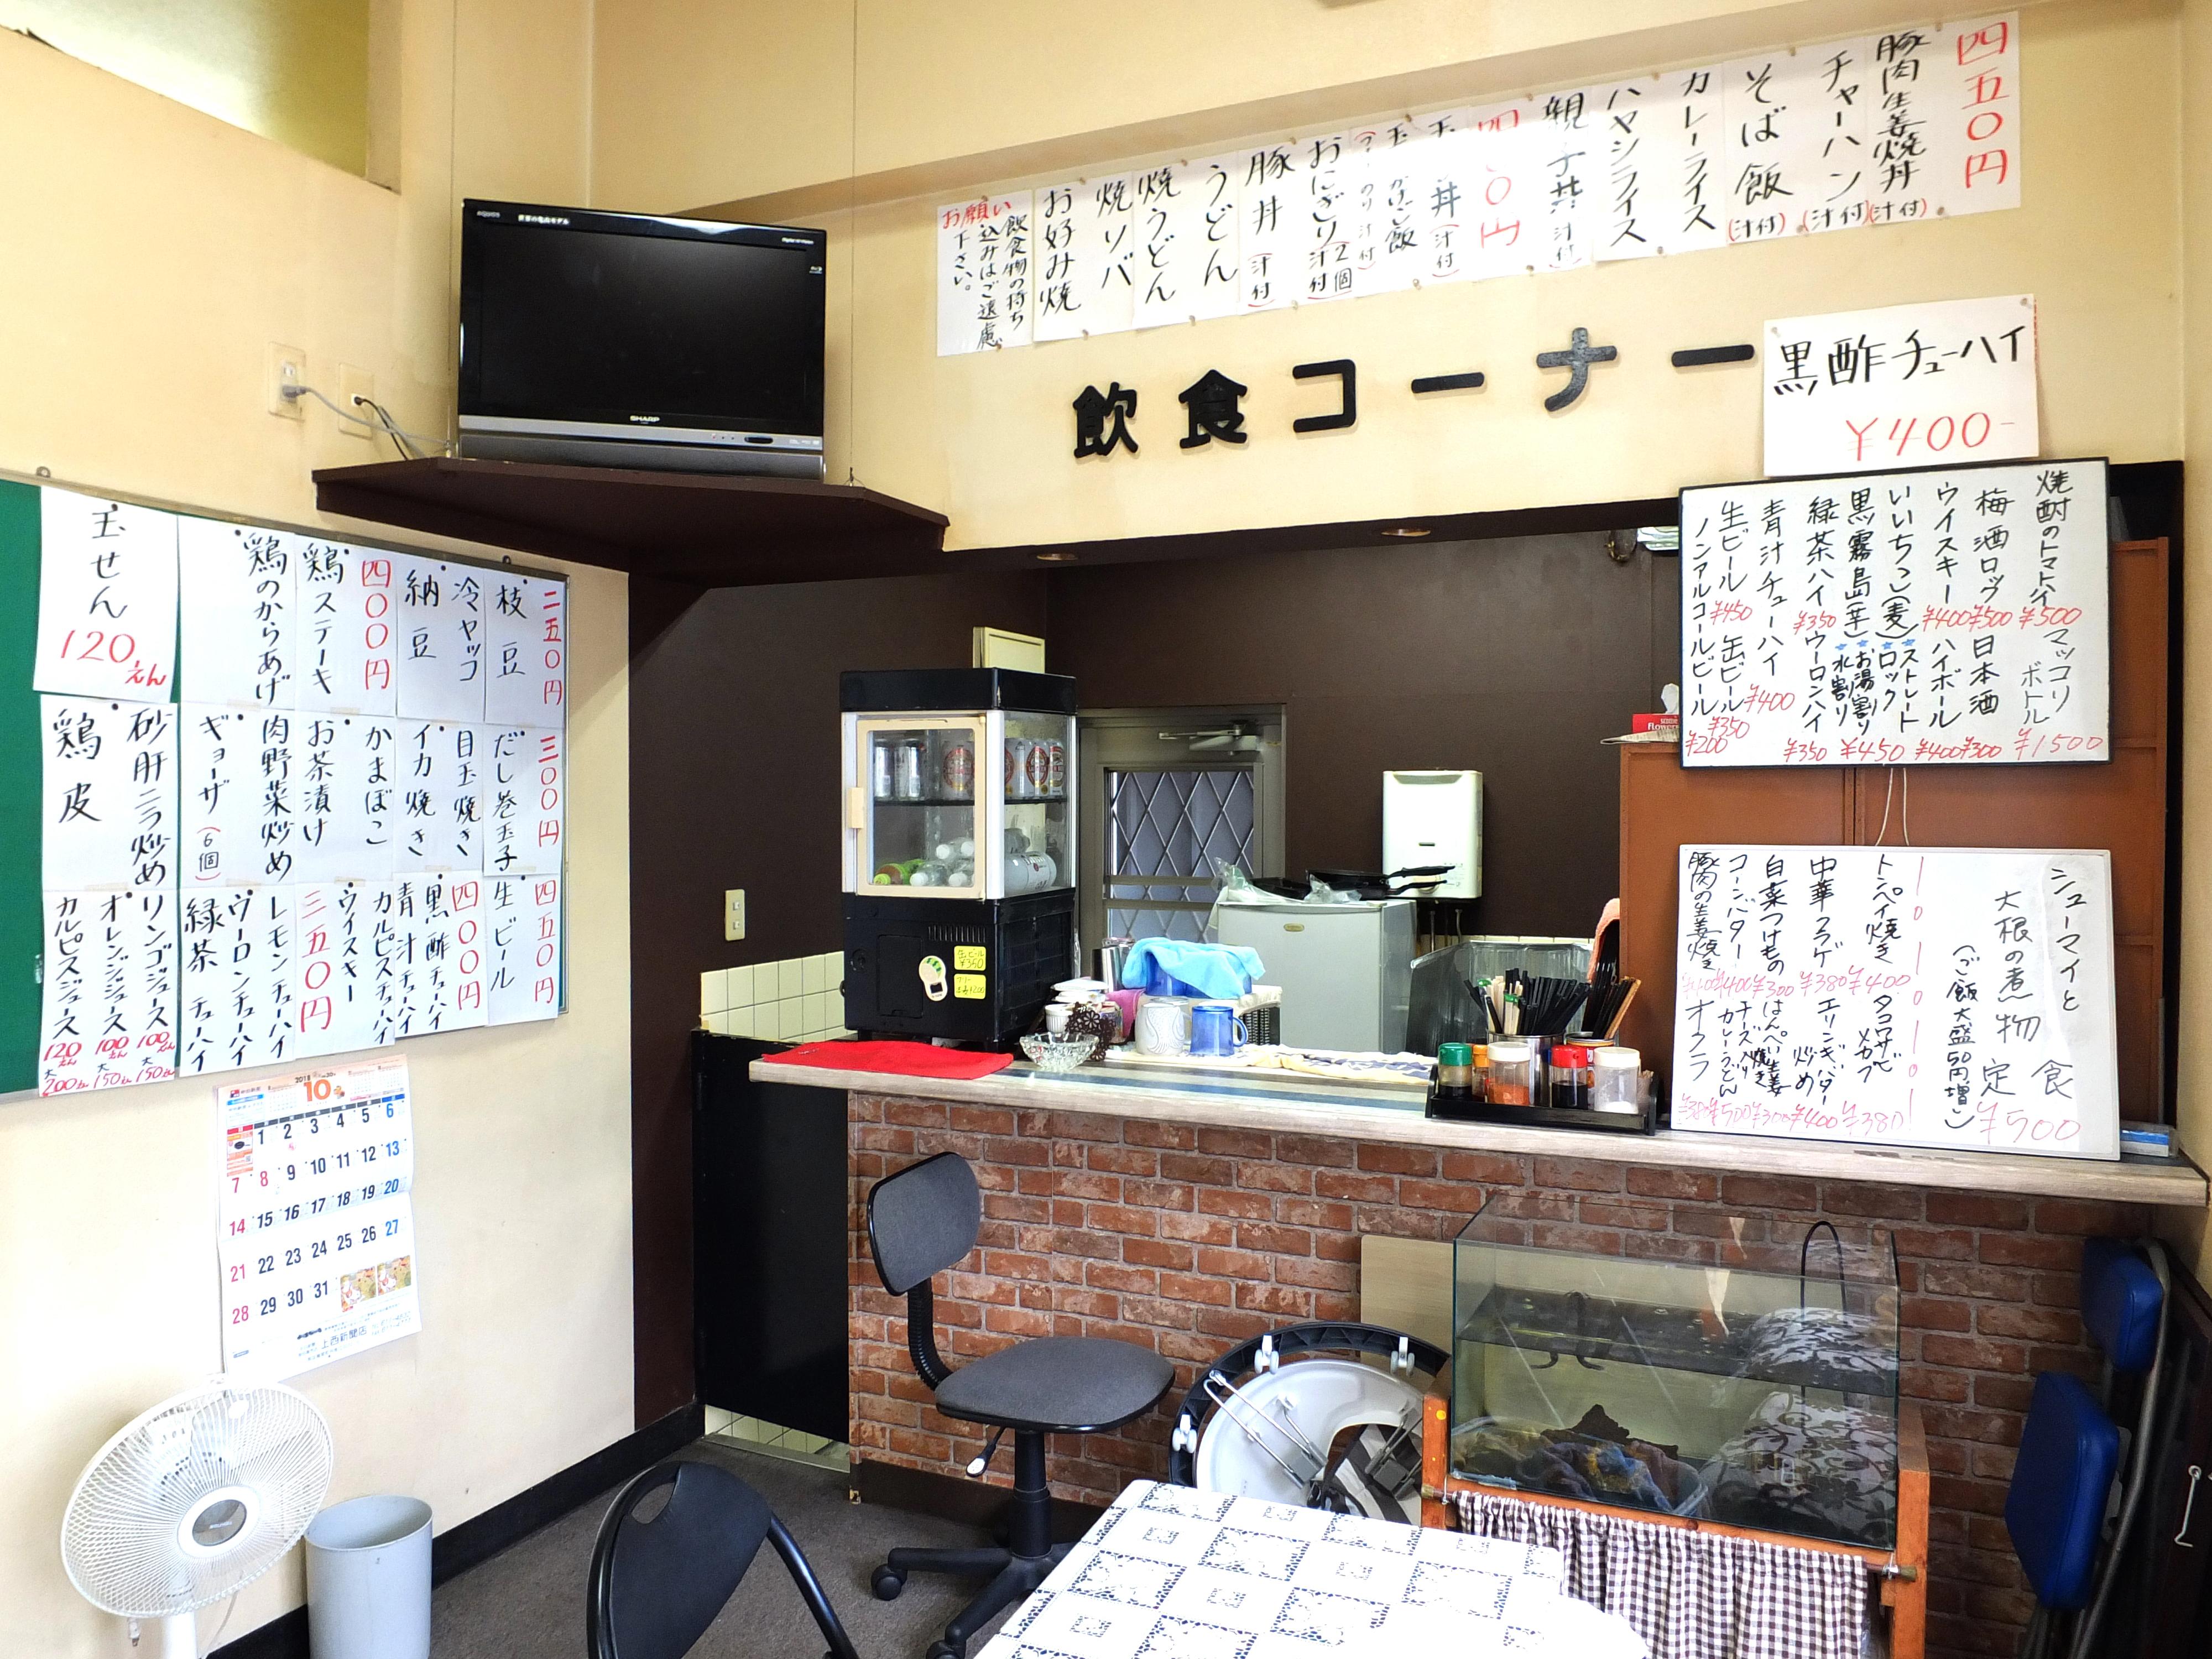 柴田温泉の施設の様子